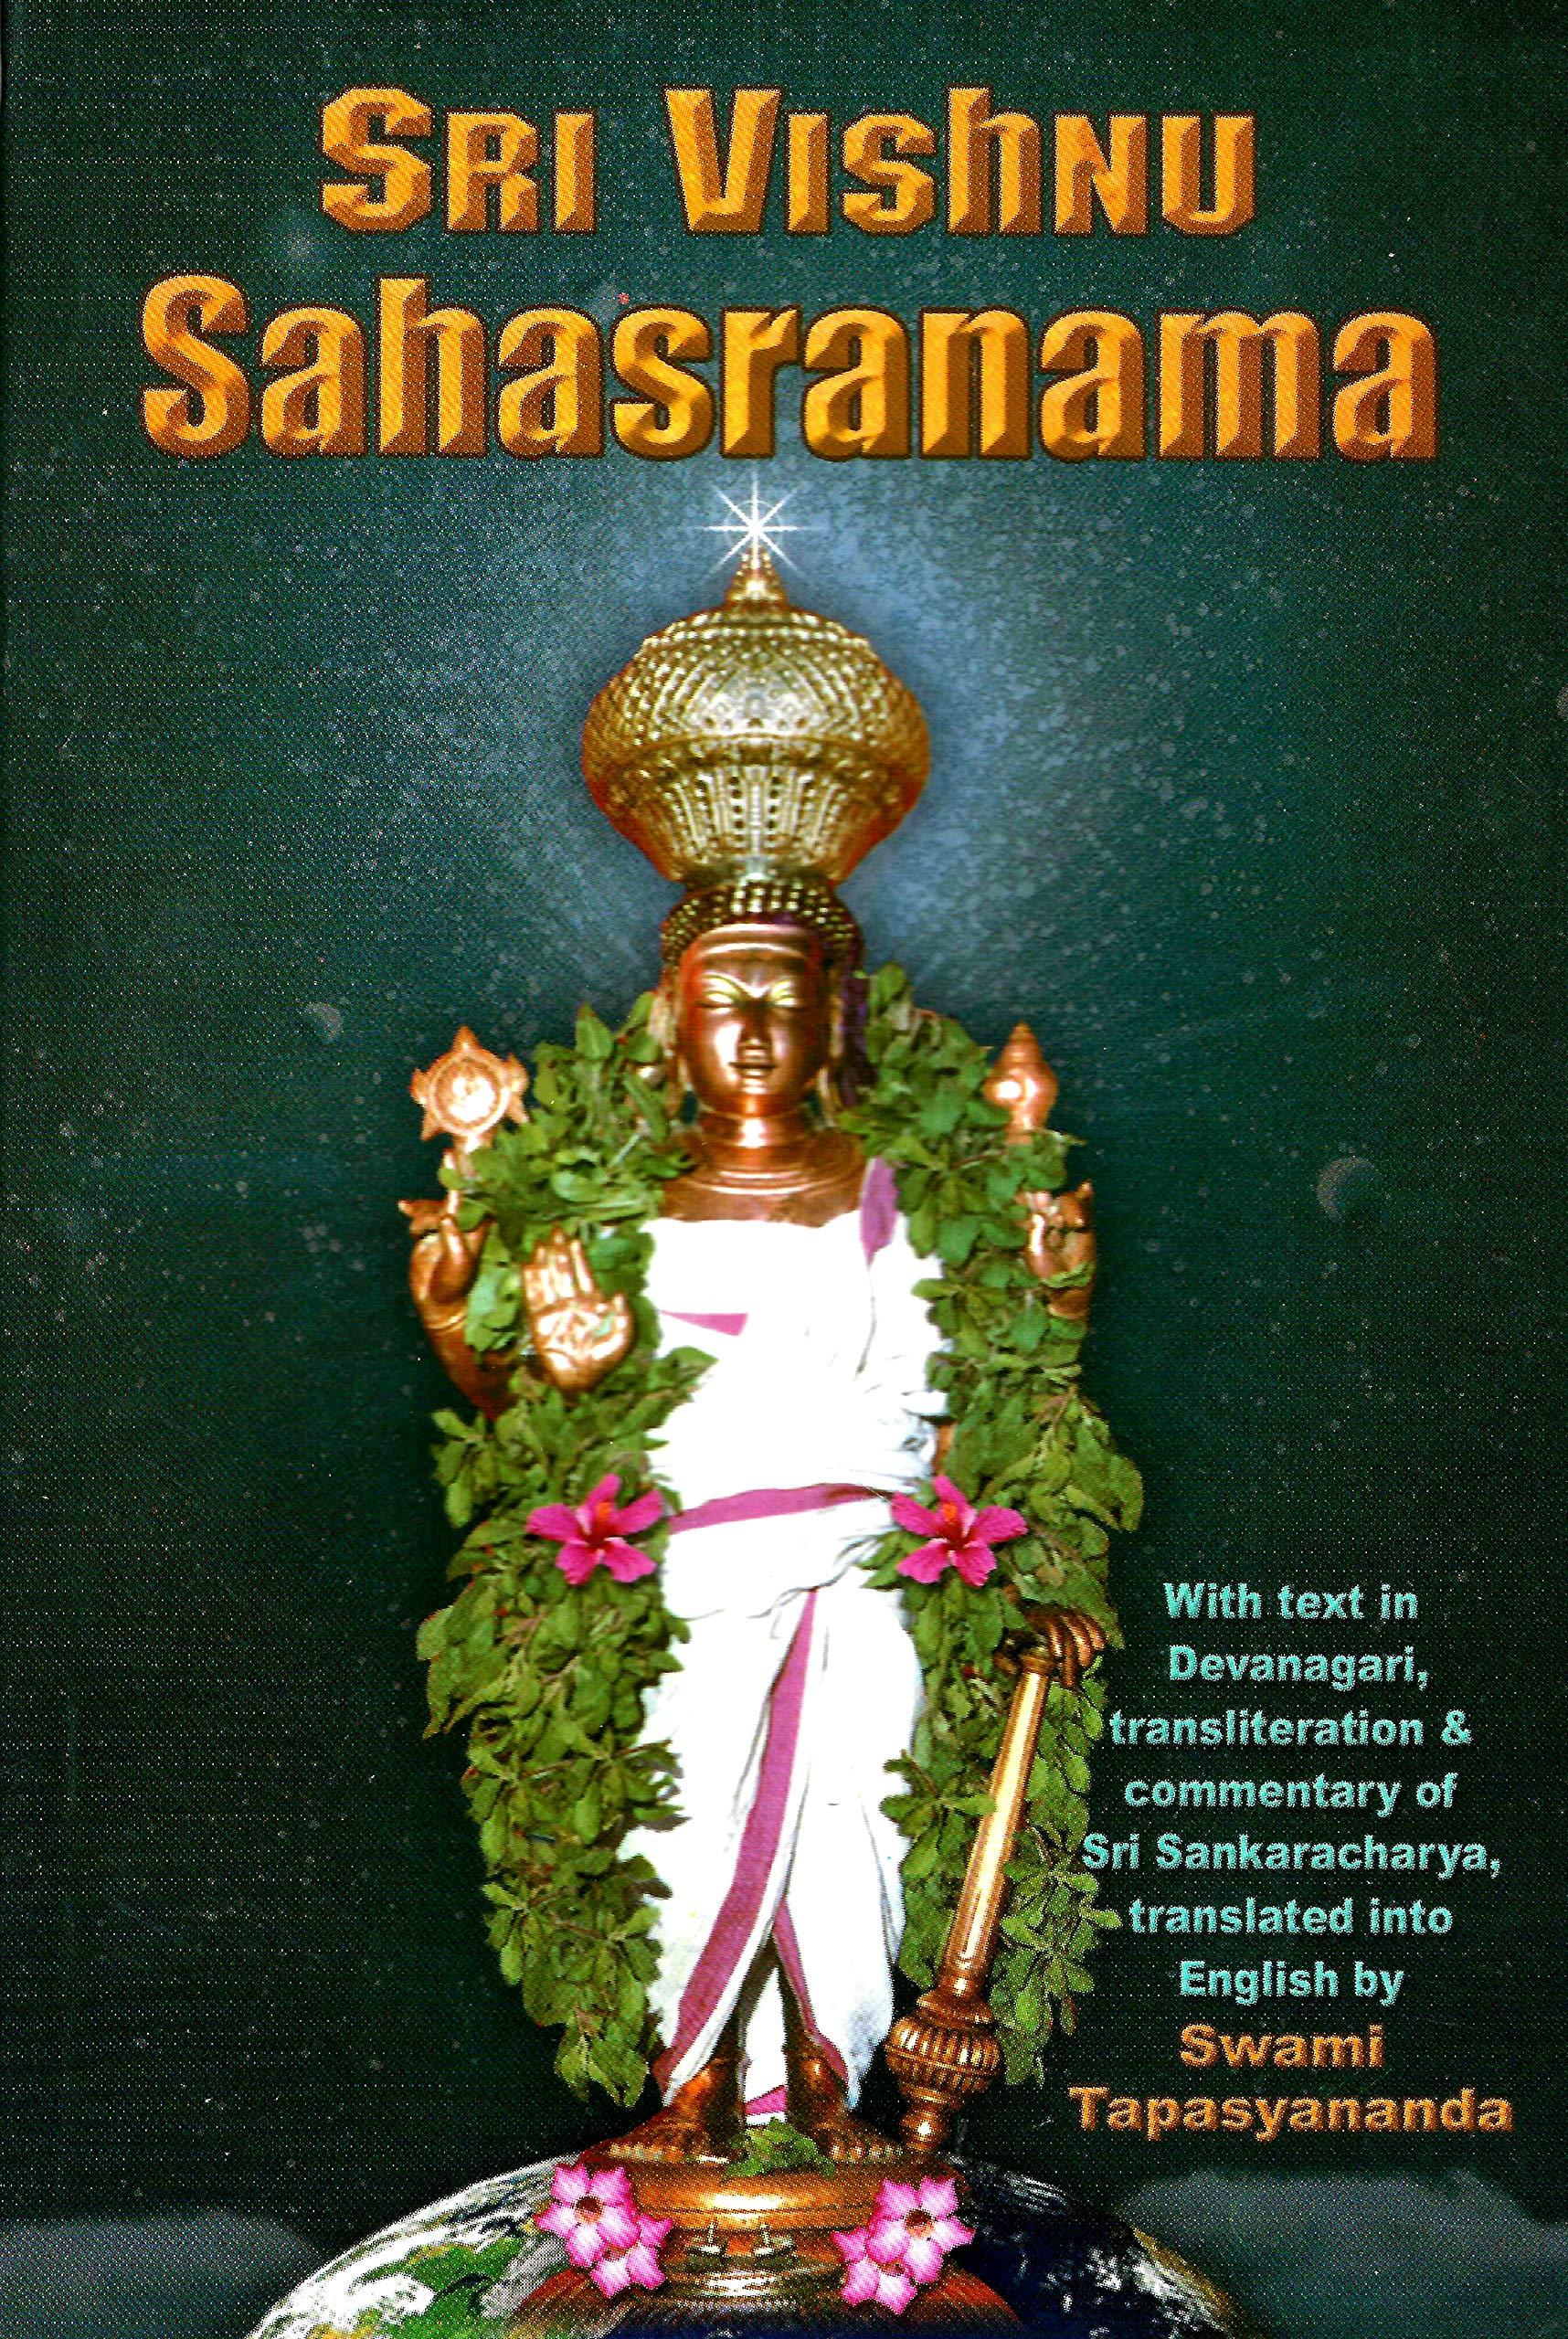 Buy Sri Vishnu Sahasranama Book Online at Low Prices in